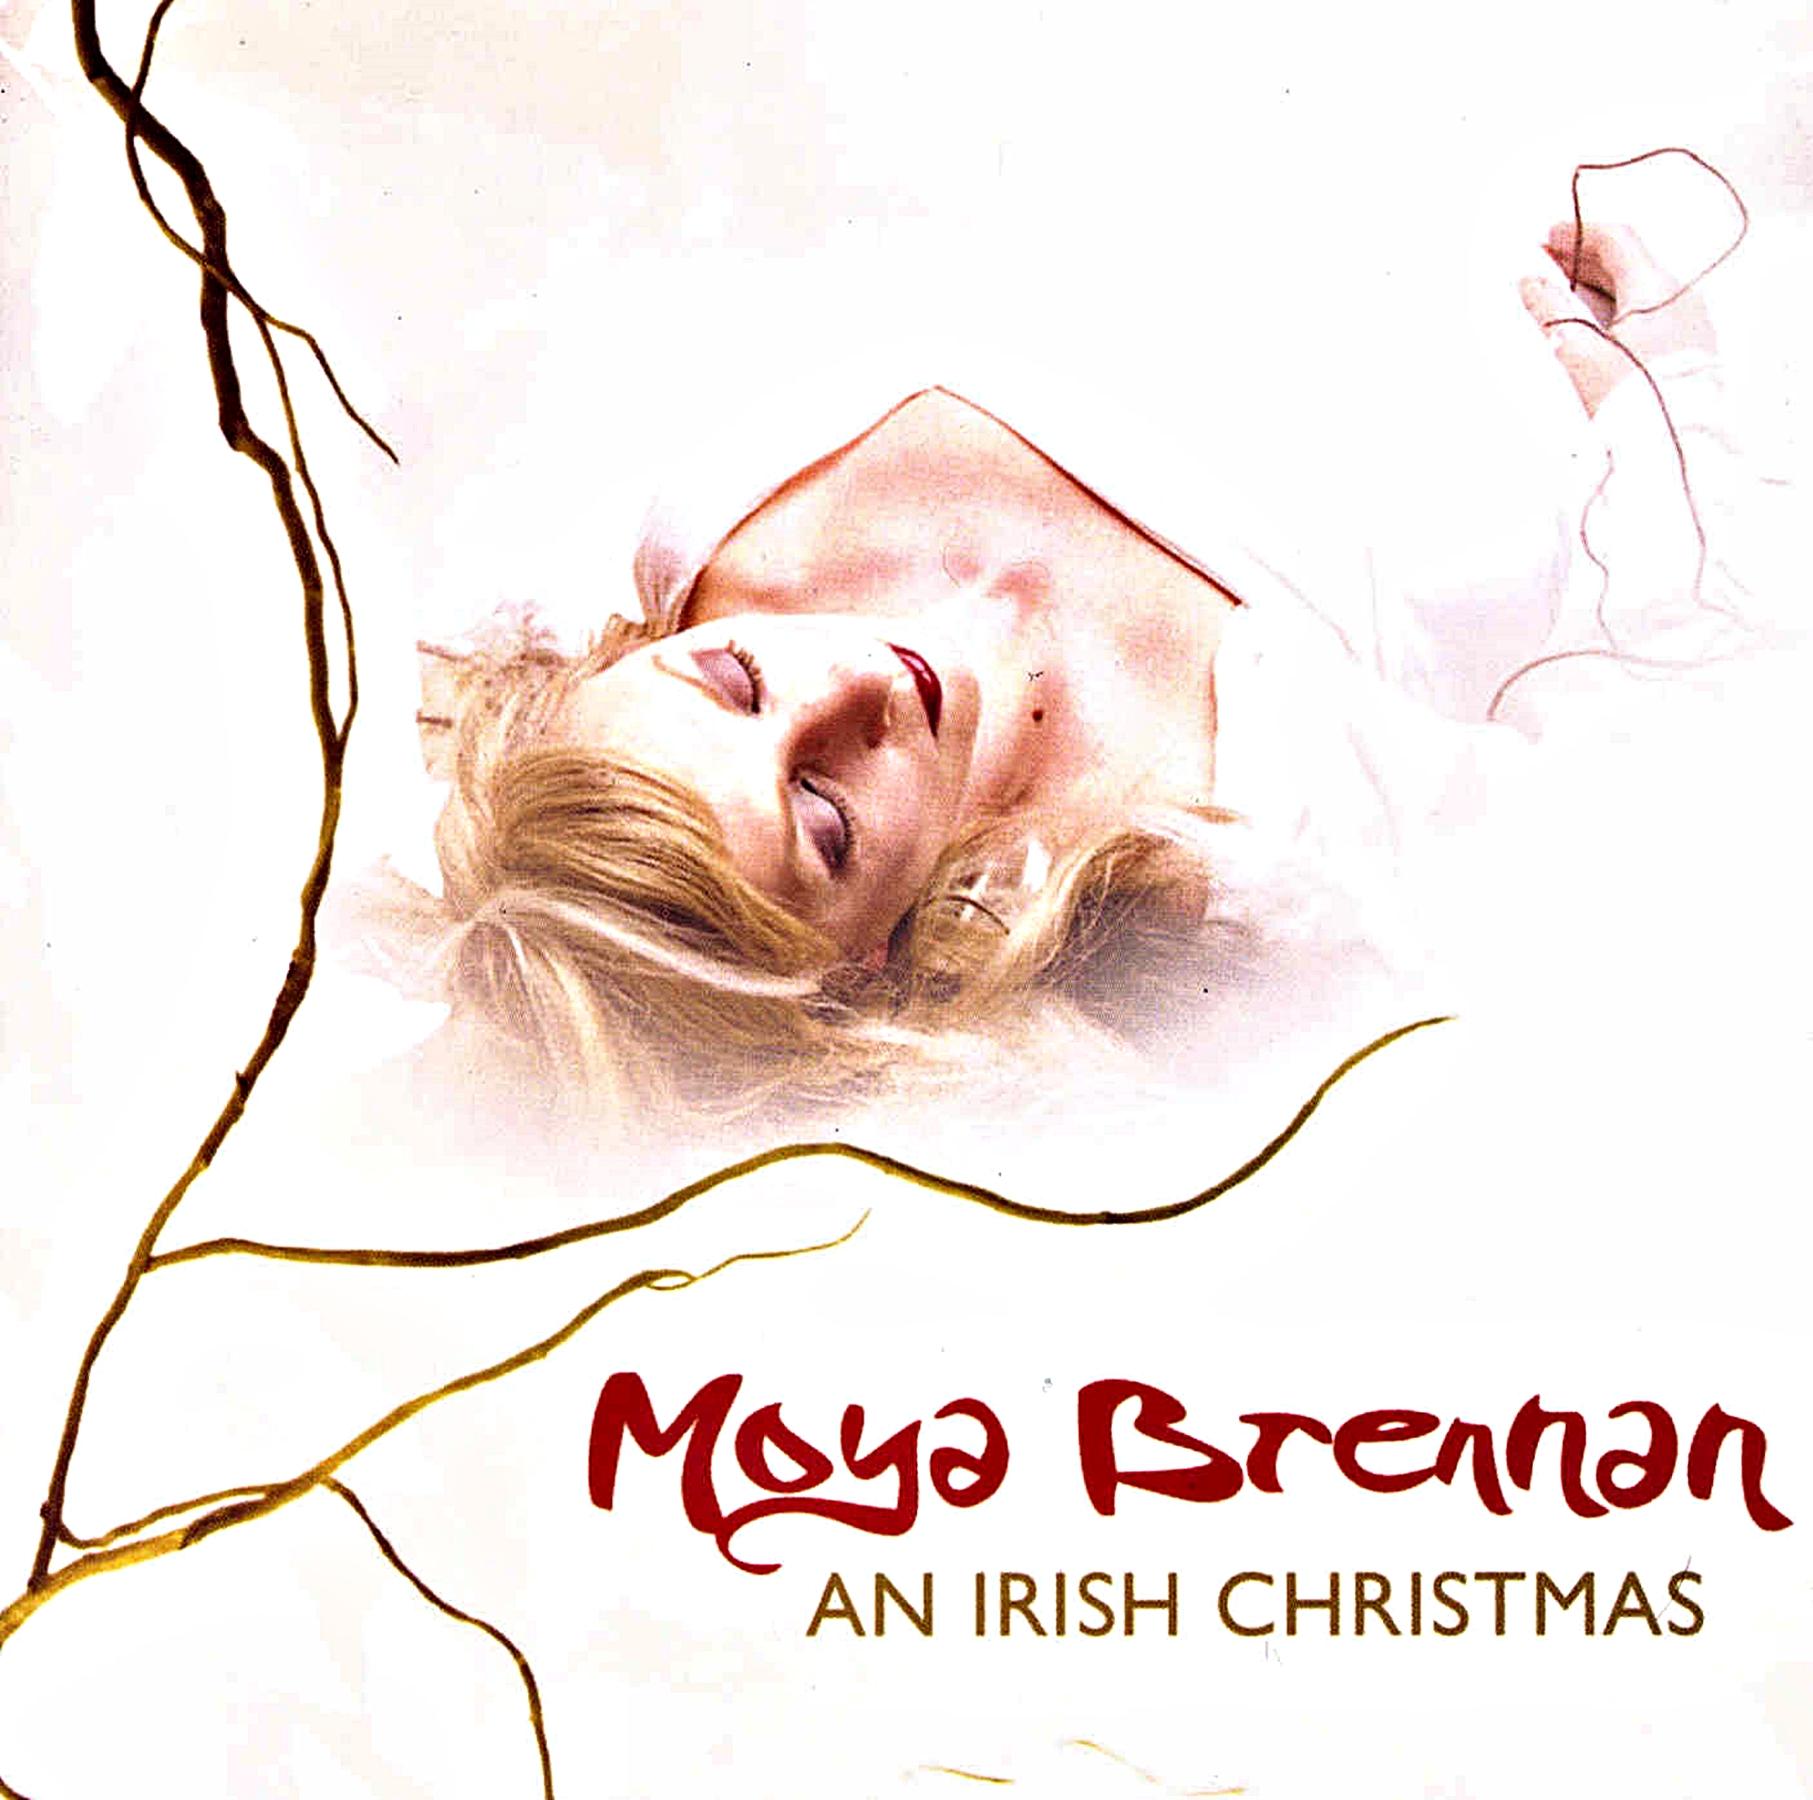 Moya Brennan - Do You Hear